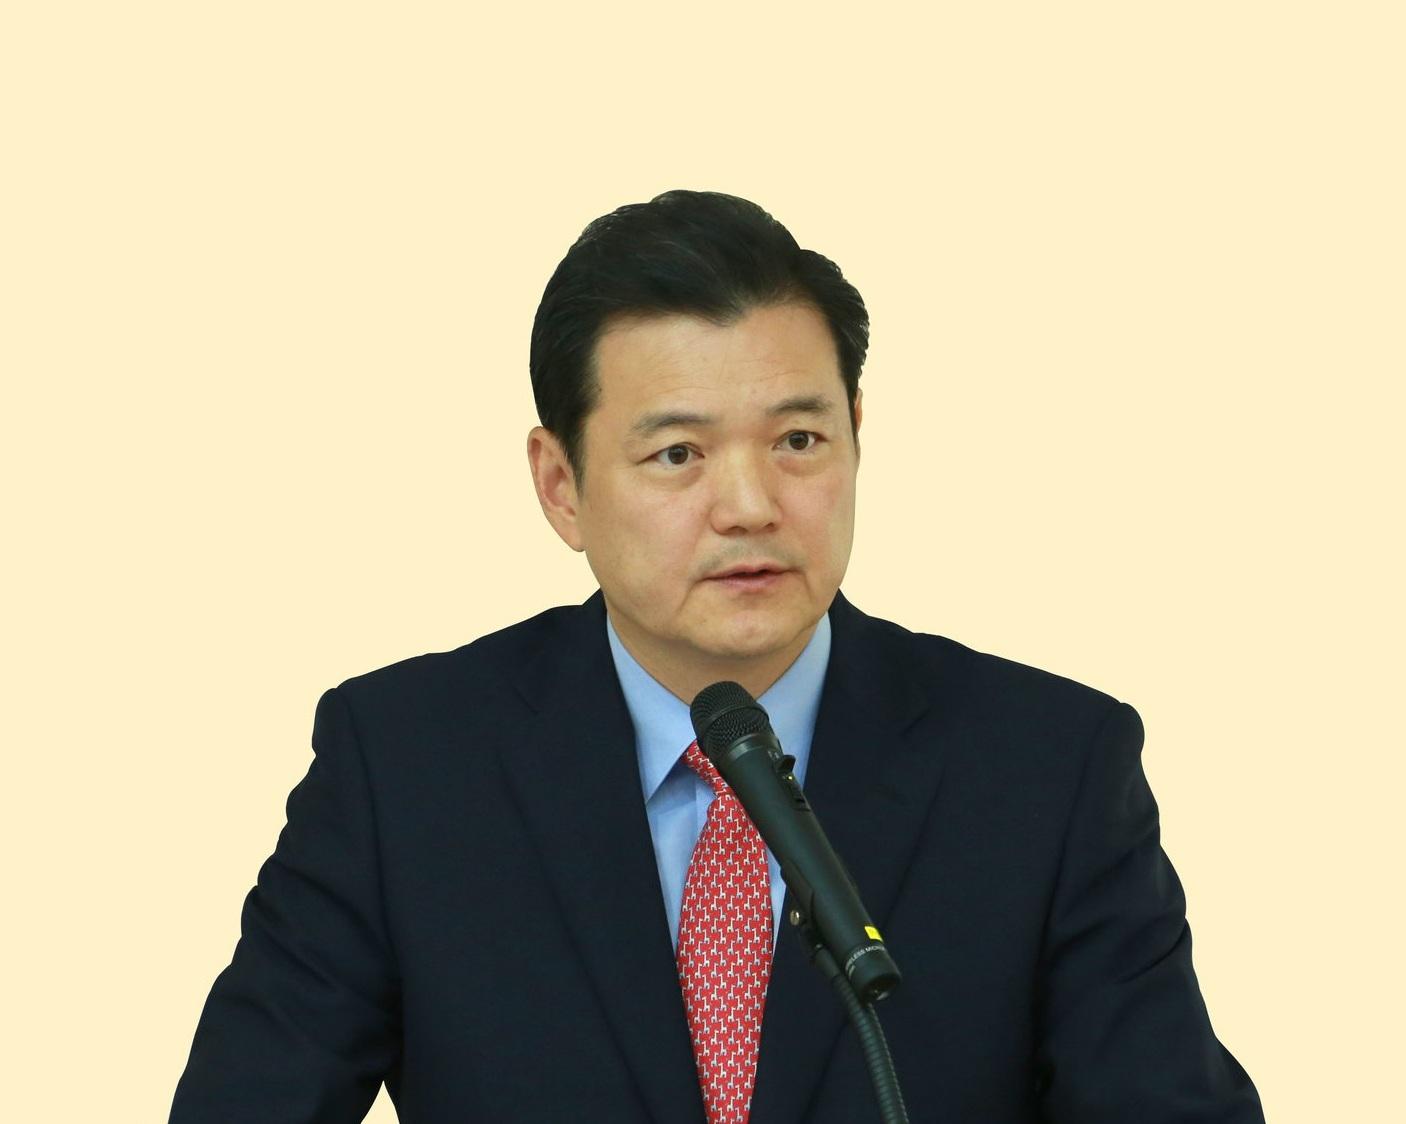 Jung-Hoon Lee